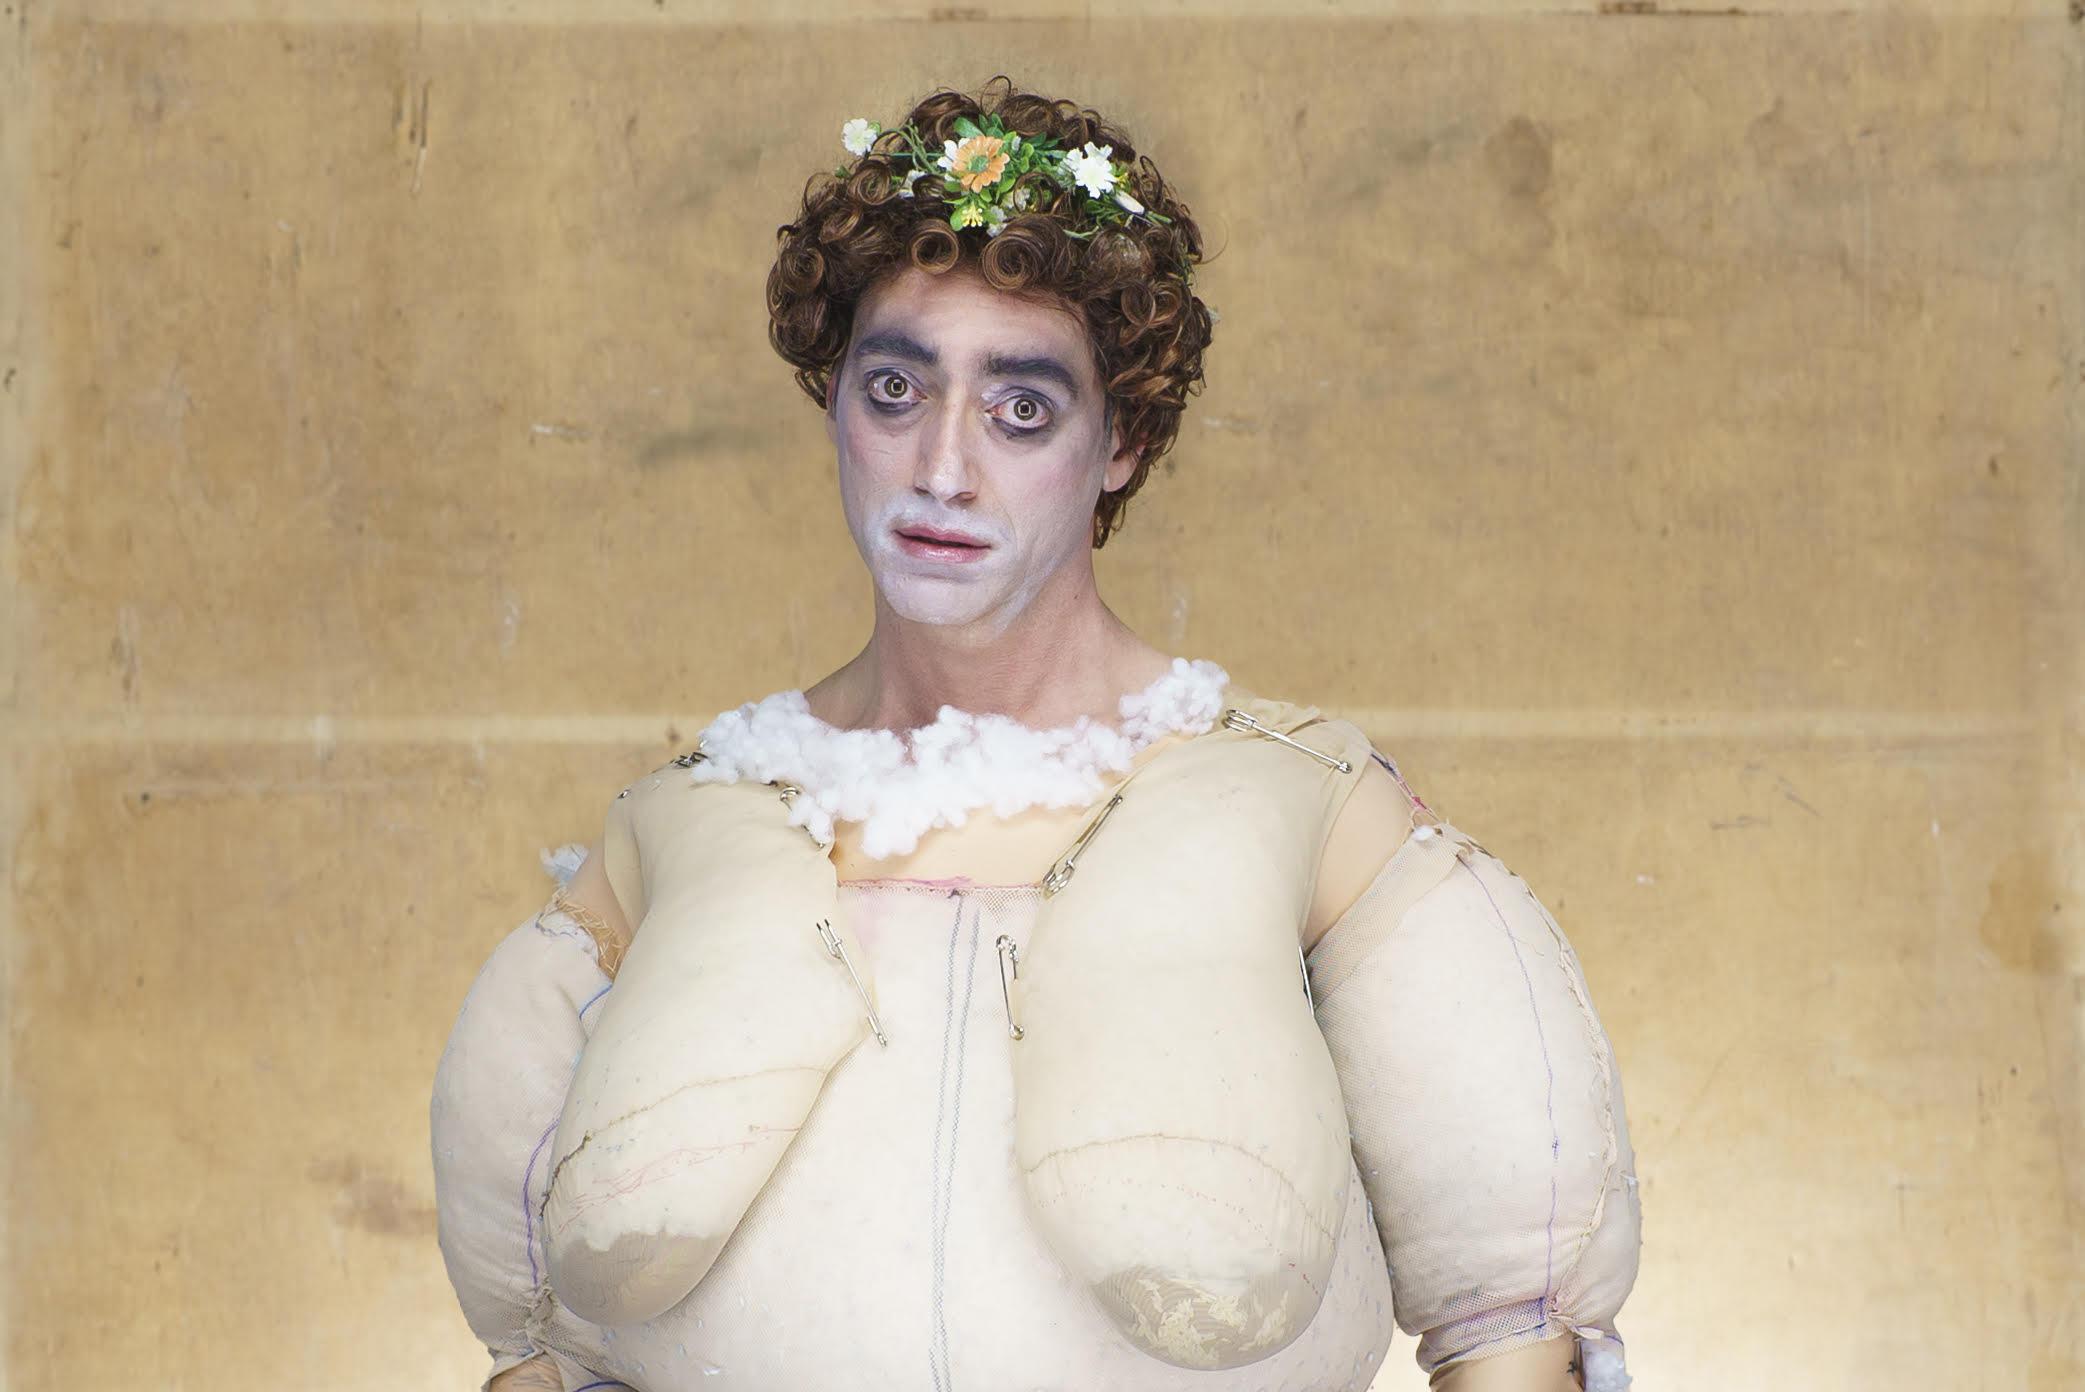 Ο Ευριπίδης Λασκαρίδης δημιουργεί μία κωμική τραγωδία στο θέατρο της Μικρής Επιδαύρου